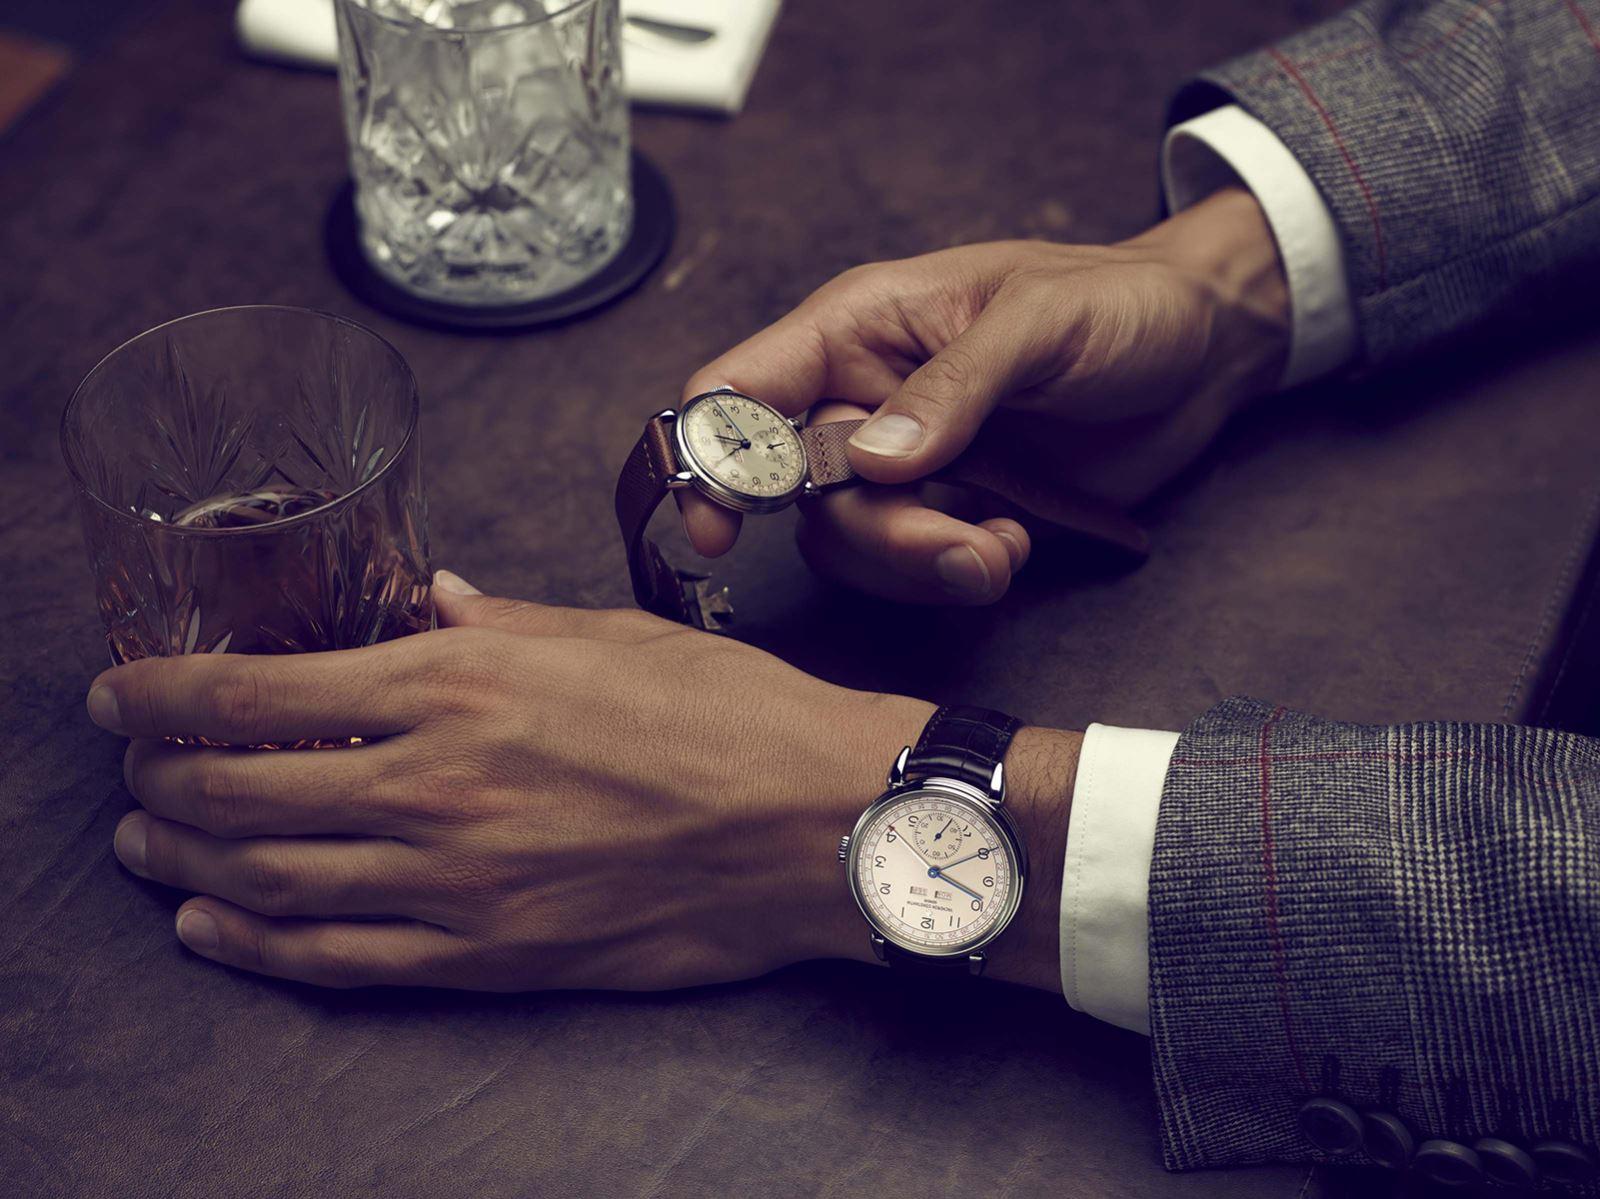 hướng dẫn mua đồng hồ chính hãng cho người mới bắt đầu